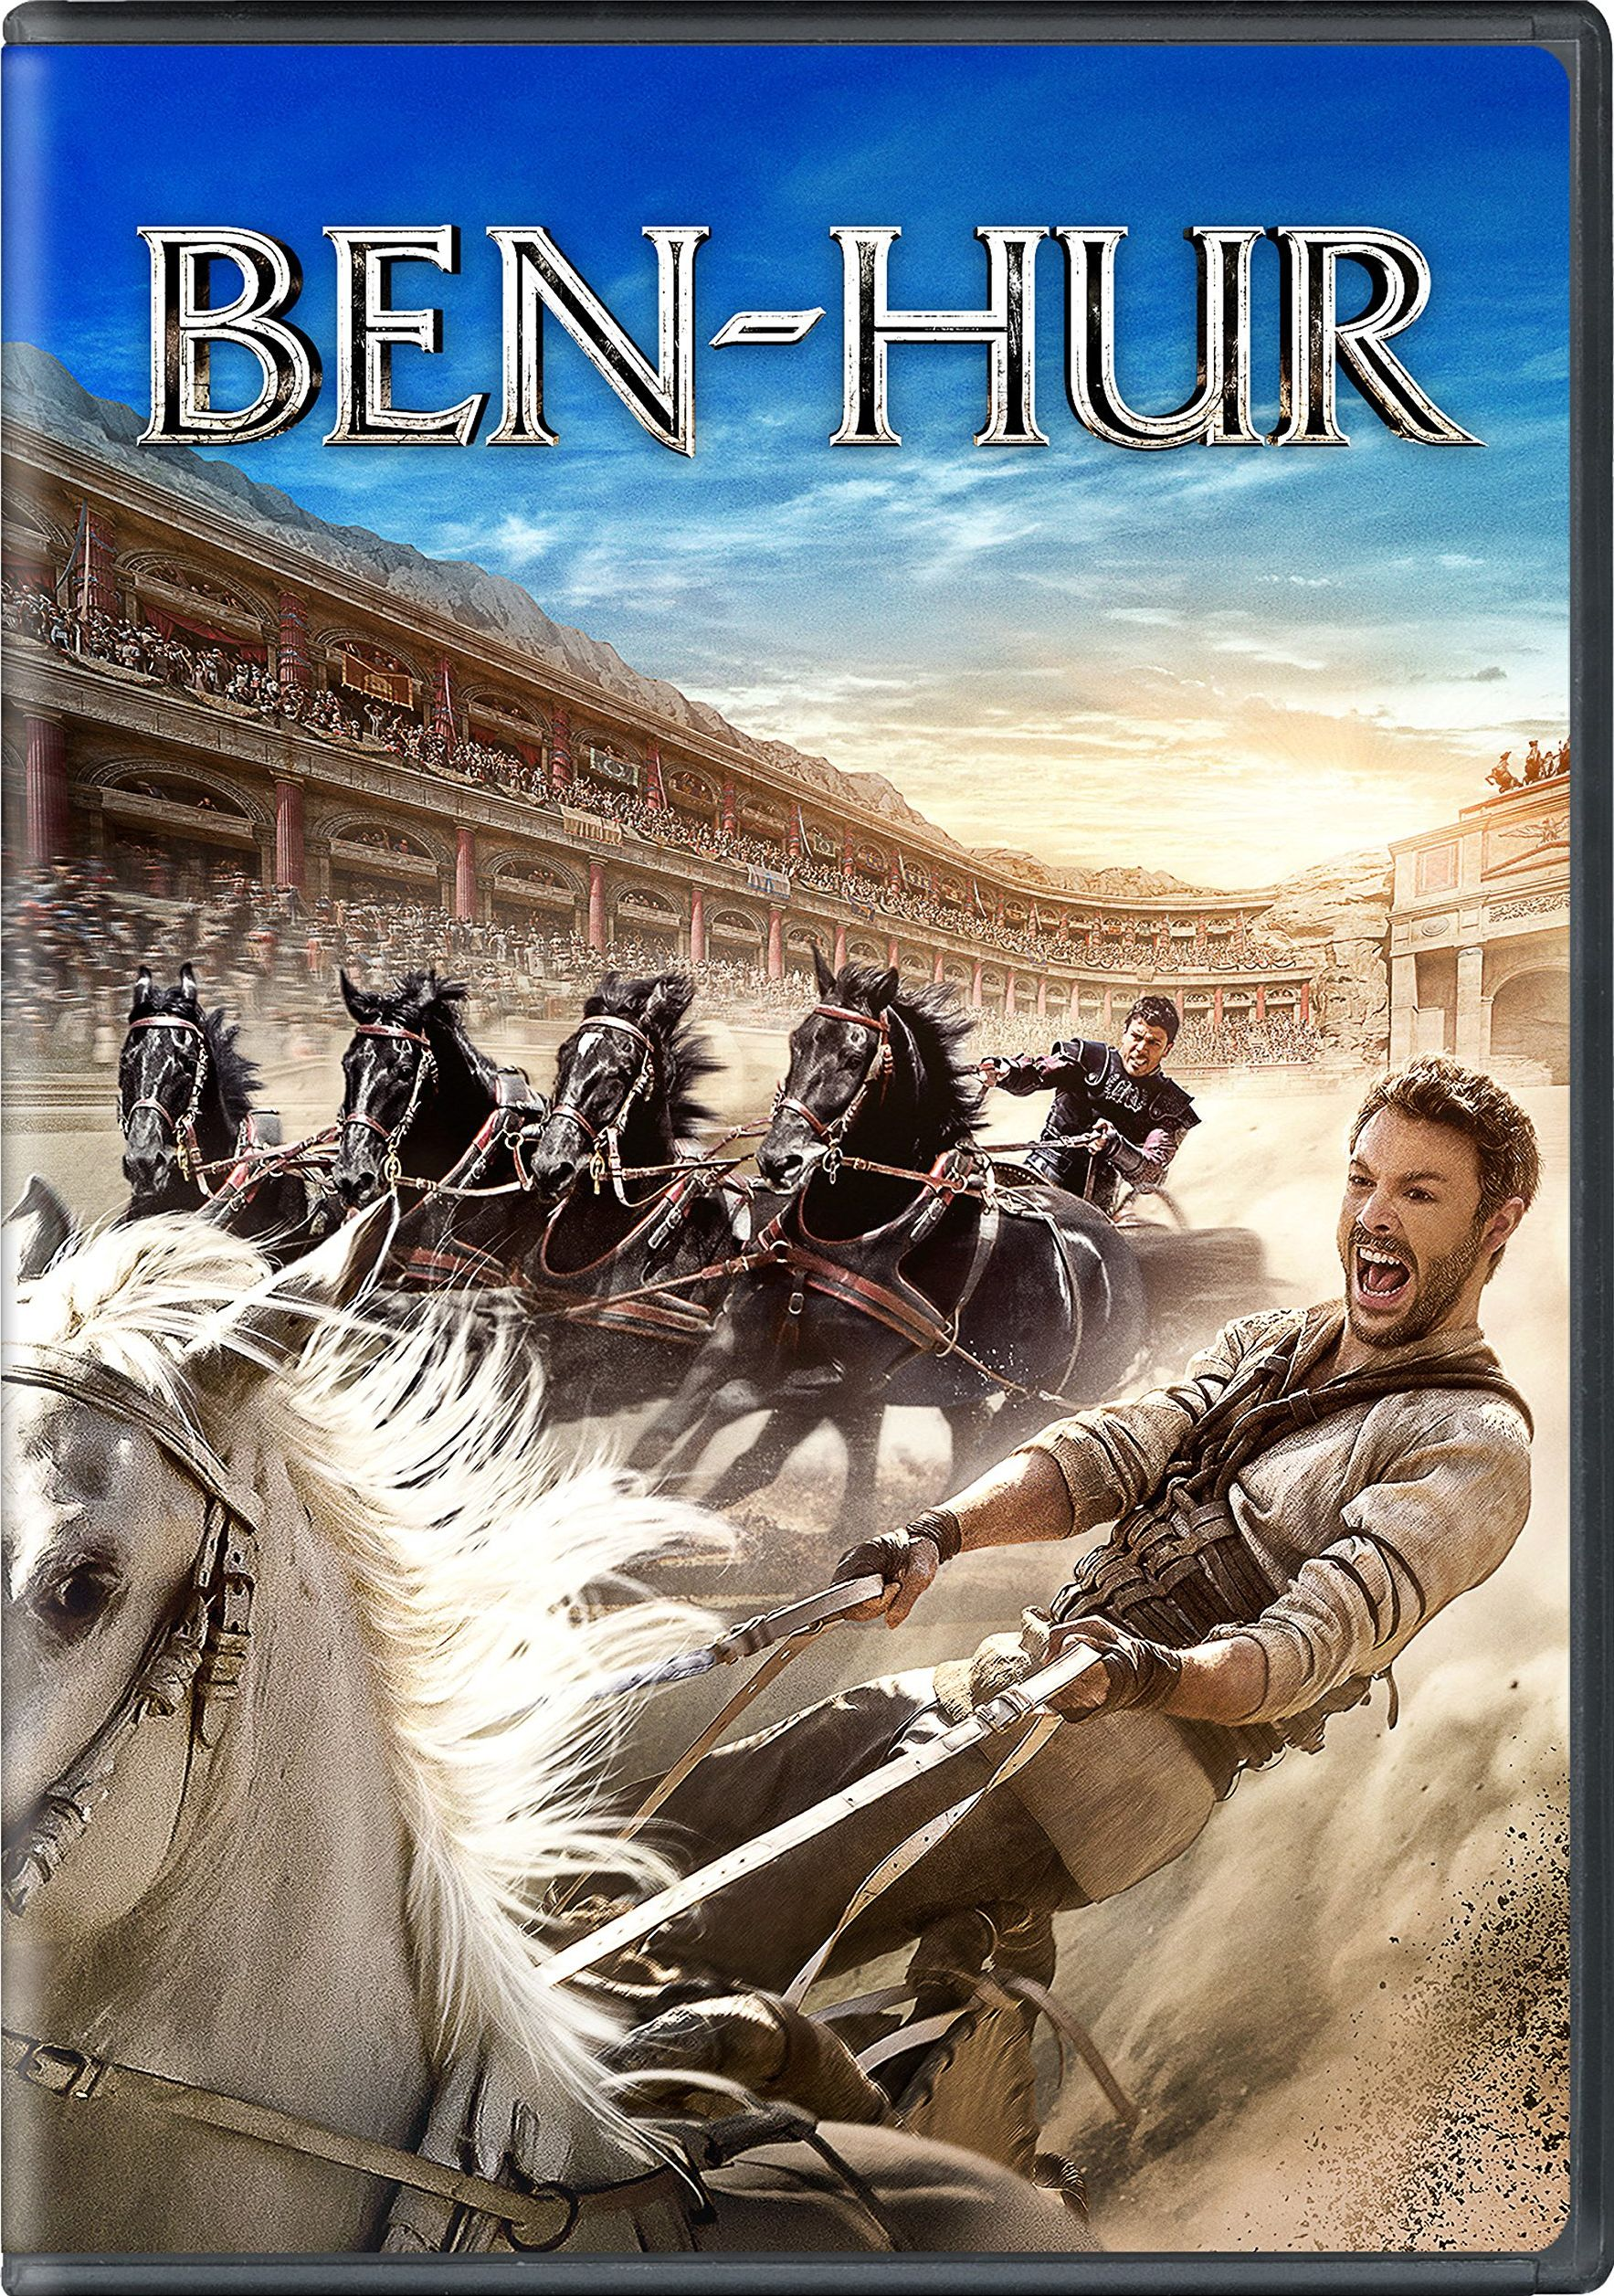 Ben-Hur (2016) Backgrounds, Compatible - PC, Mobile, Gadgets  1767x2513 px